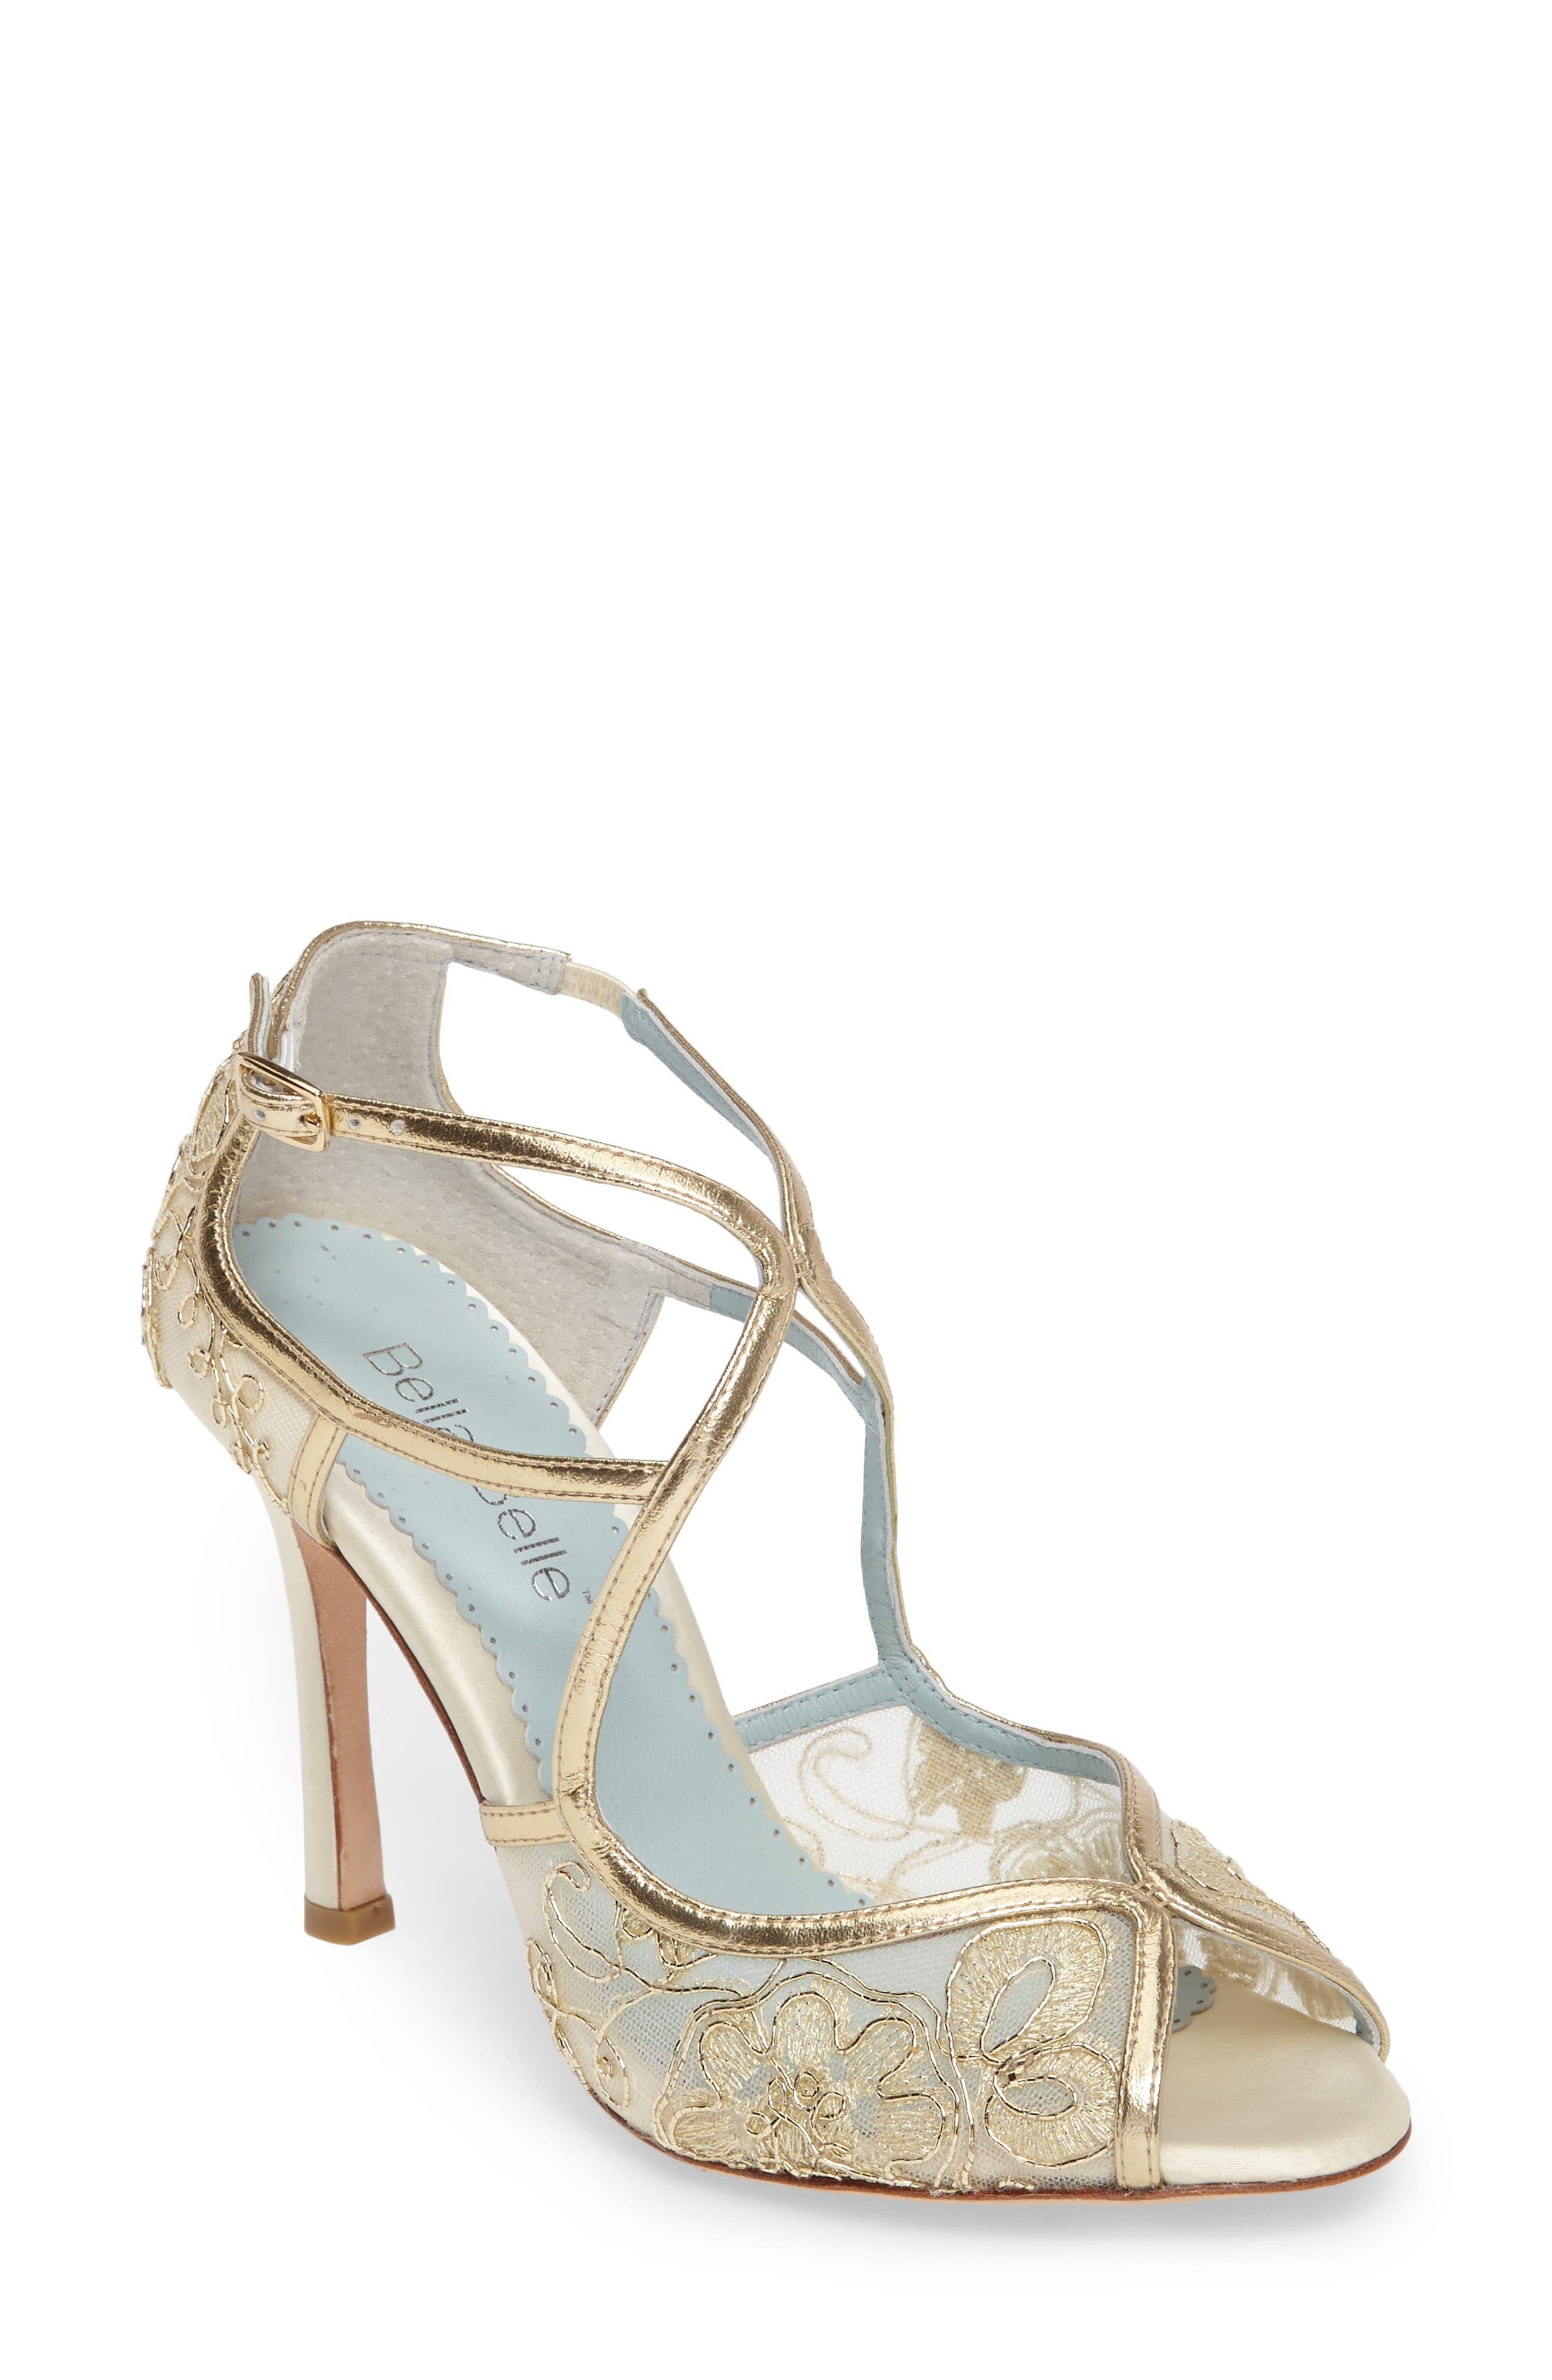 Tess Peep Toe Sandal,                         Main,                         color, GOLD LEATHER